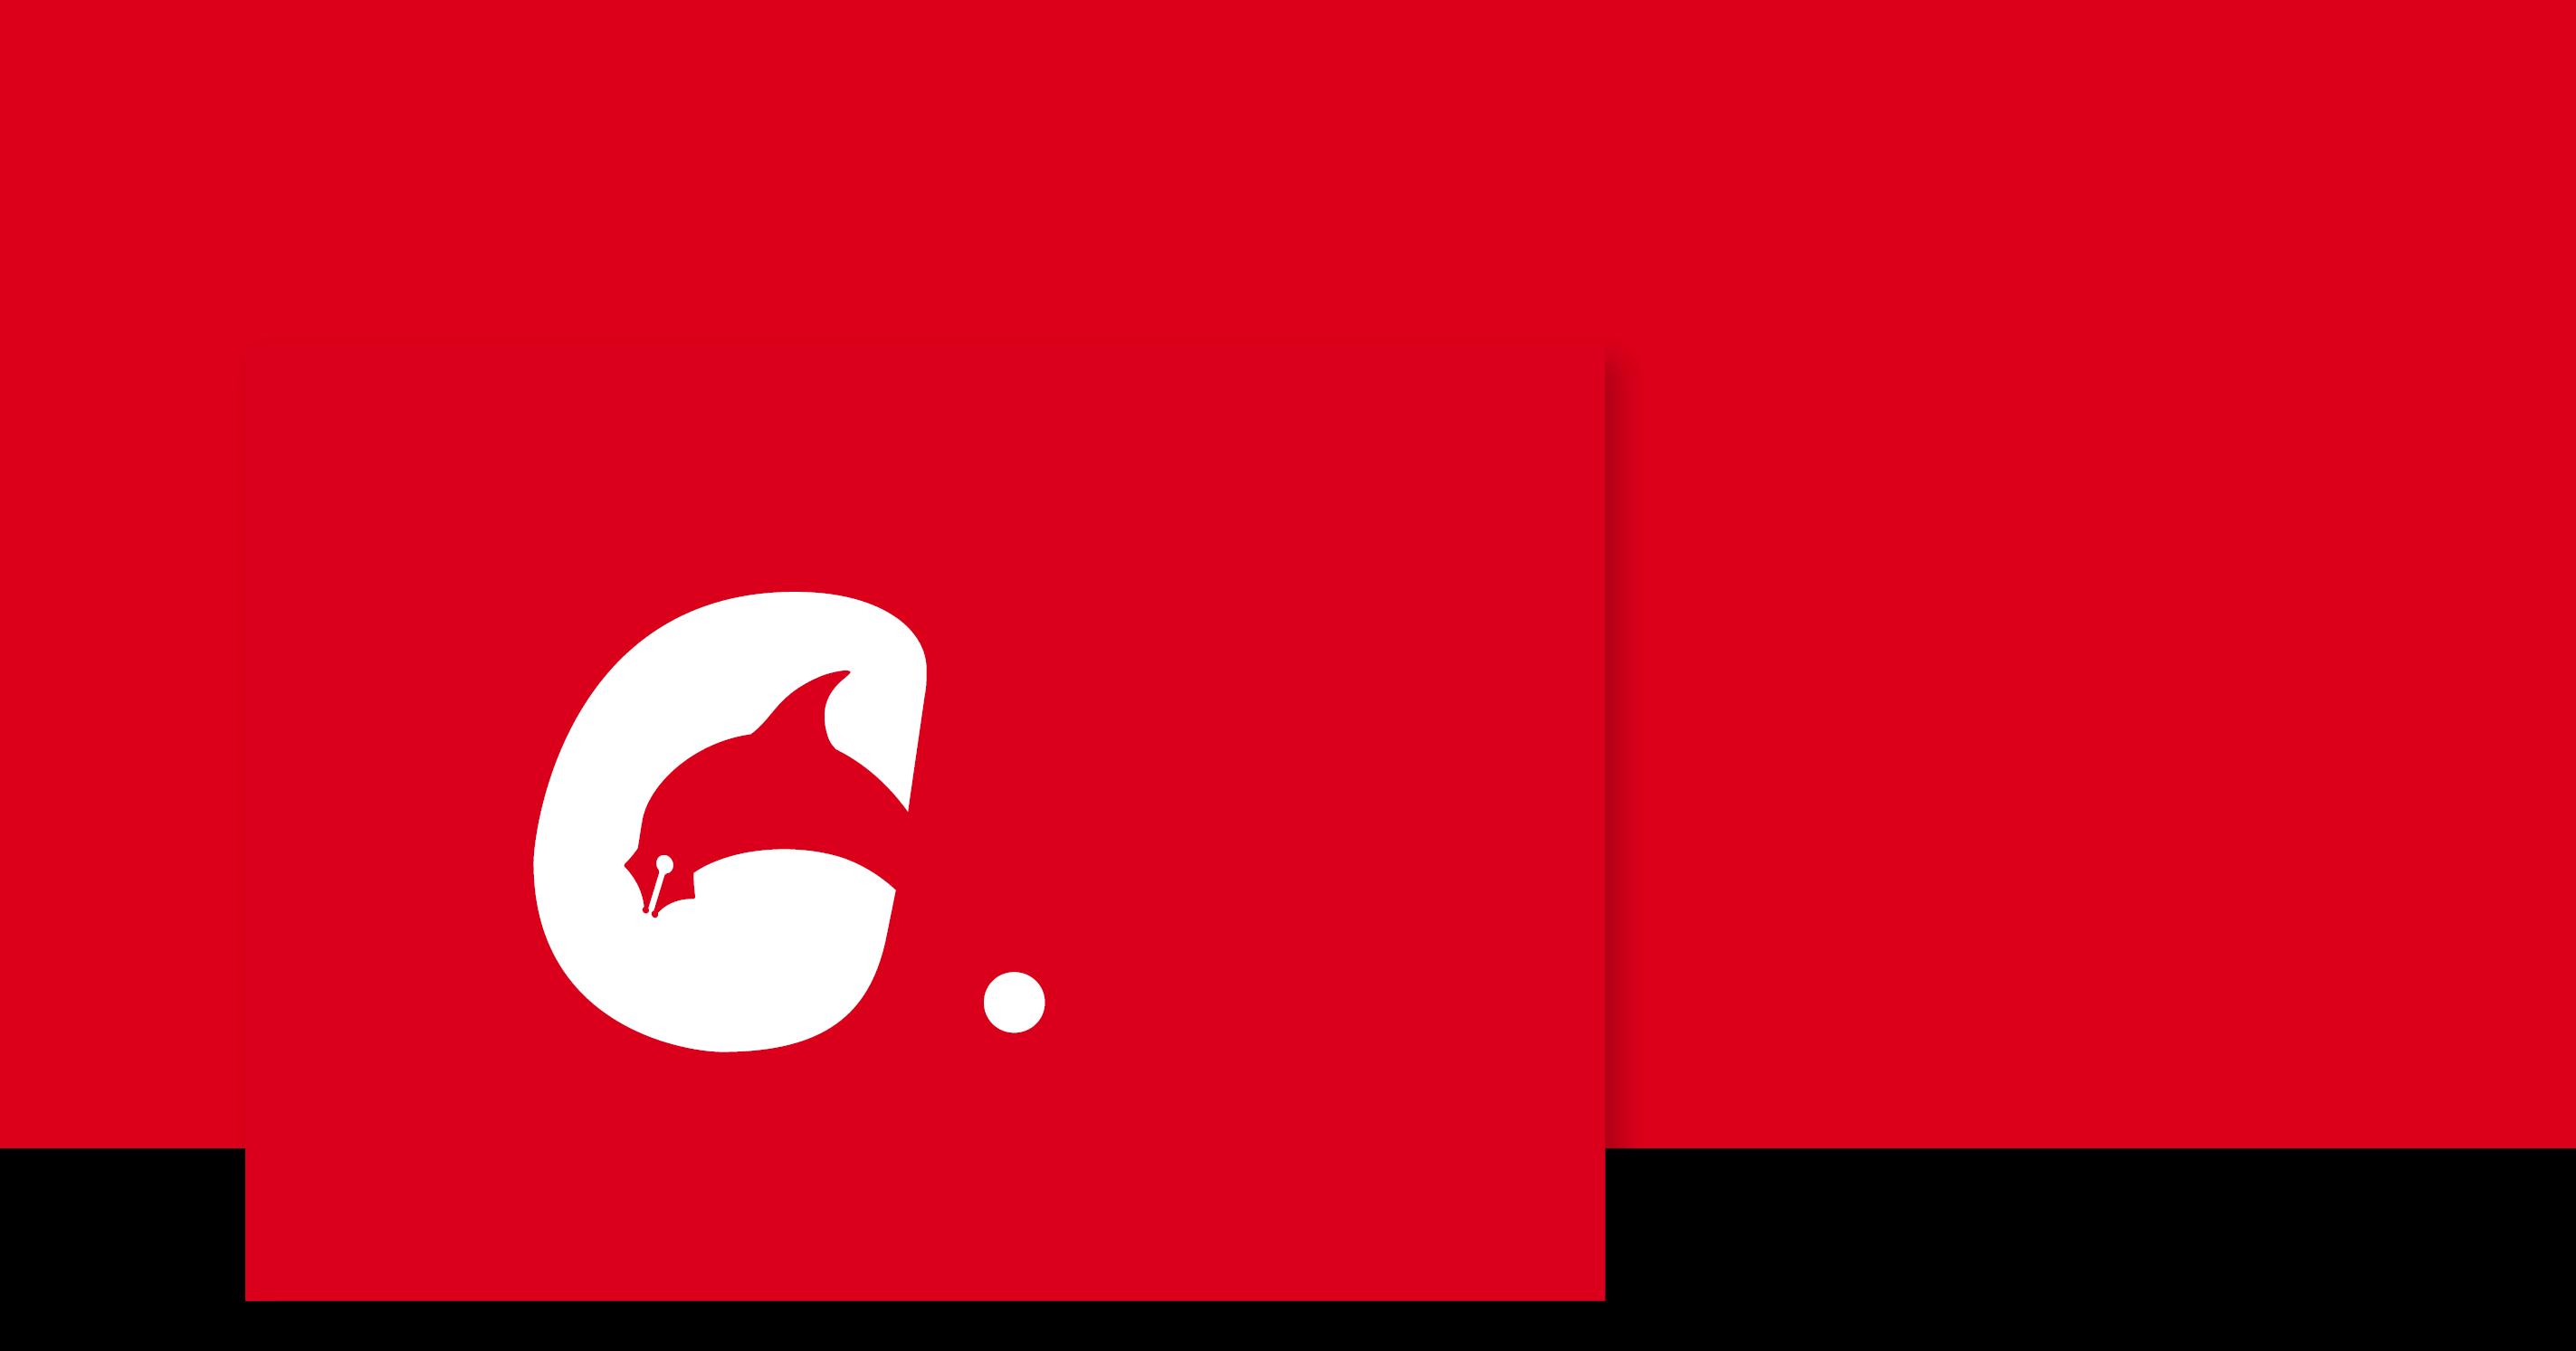 גלית. קופי וקריאייטיב